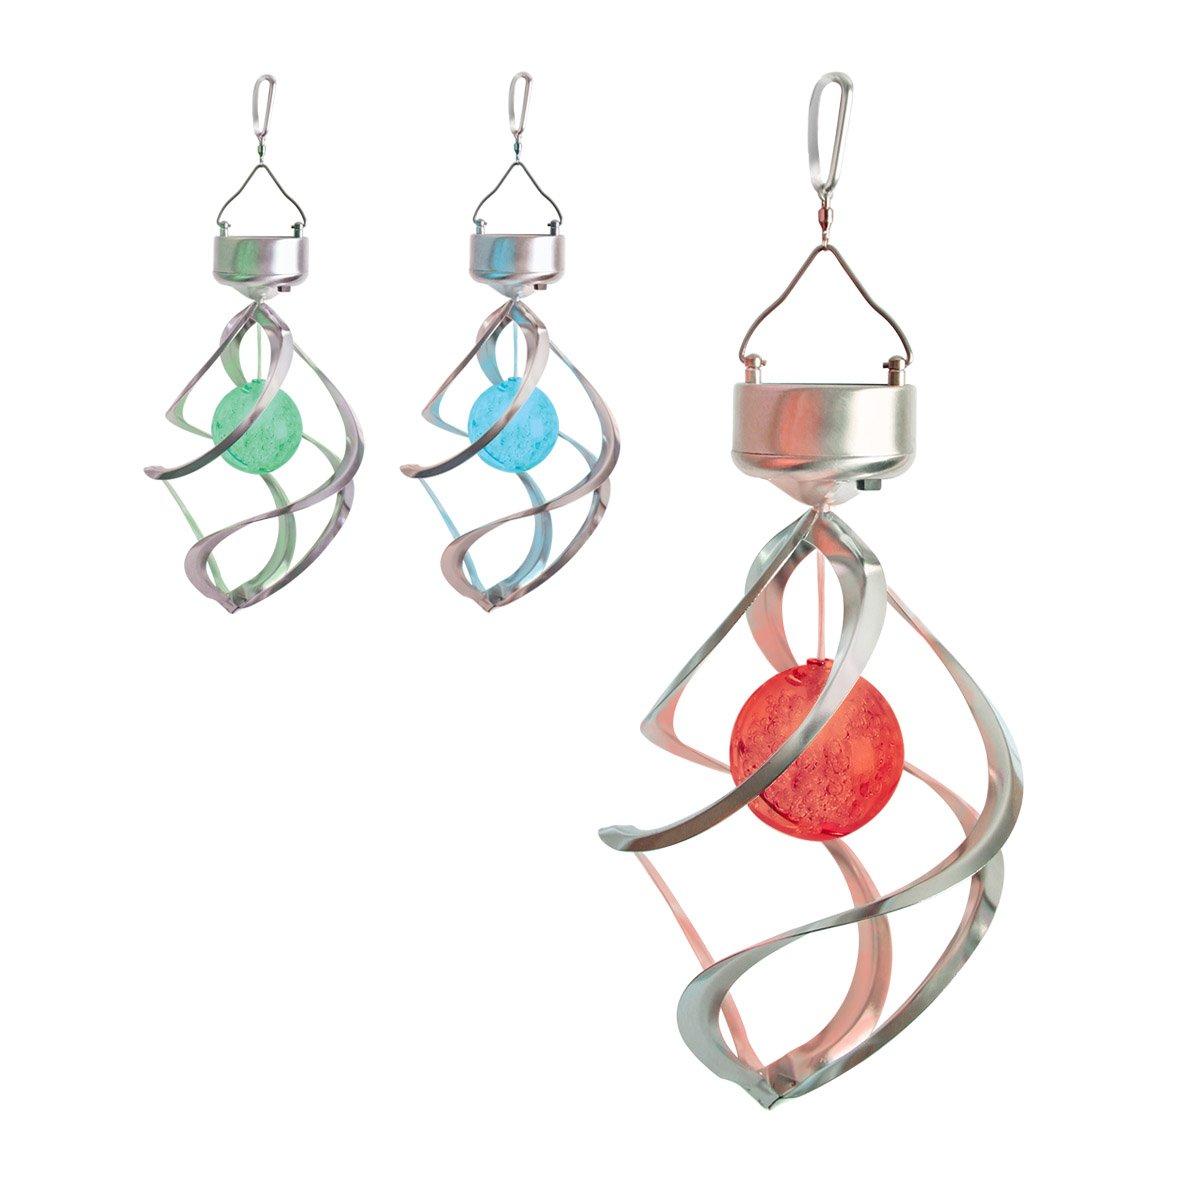 Benross GardenKraft 17990 Stainless Steel Colour Changing Wind Spinner Solar Hanging Garden Light Benross Marketing Ltd